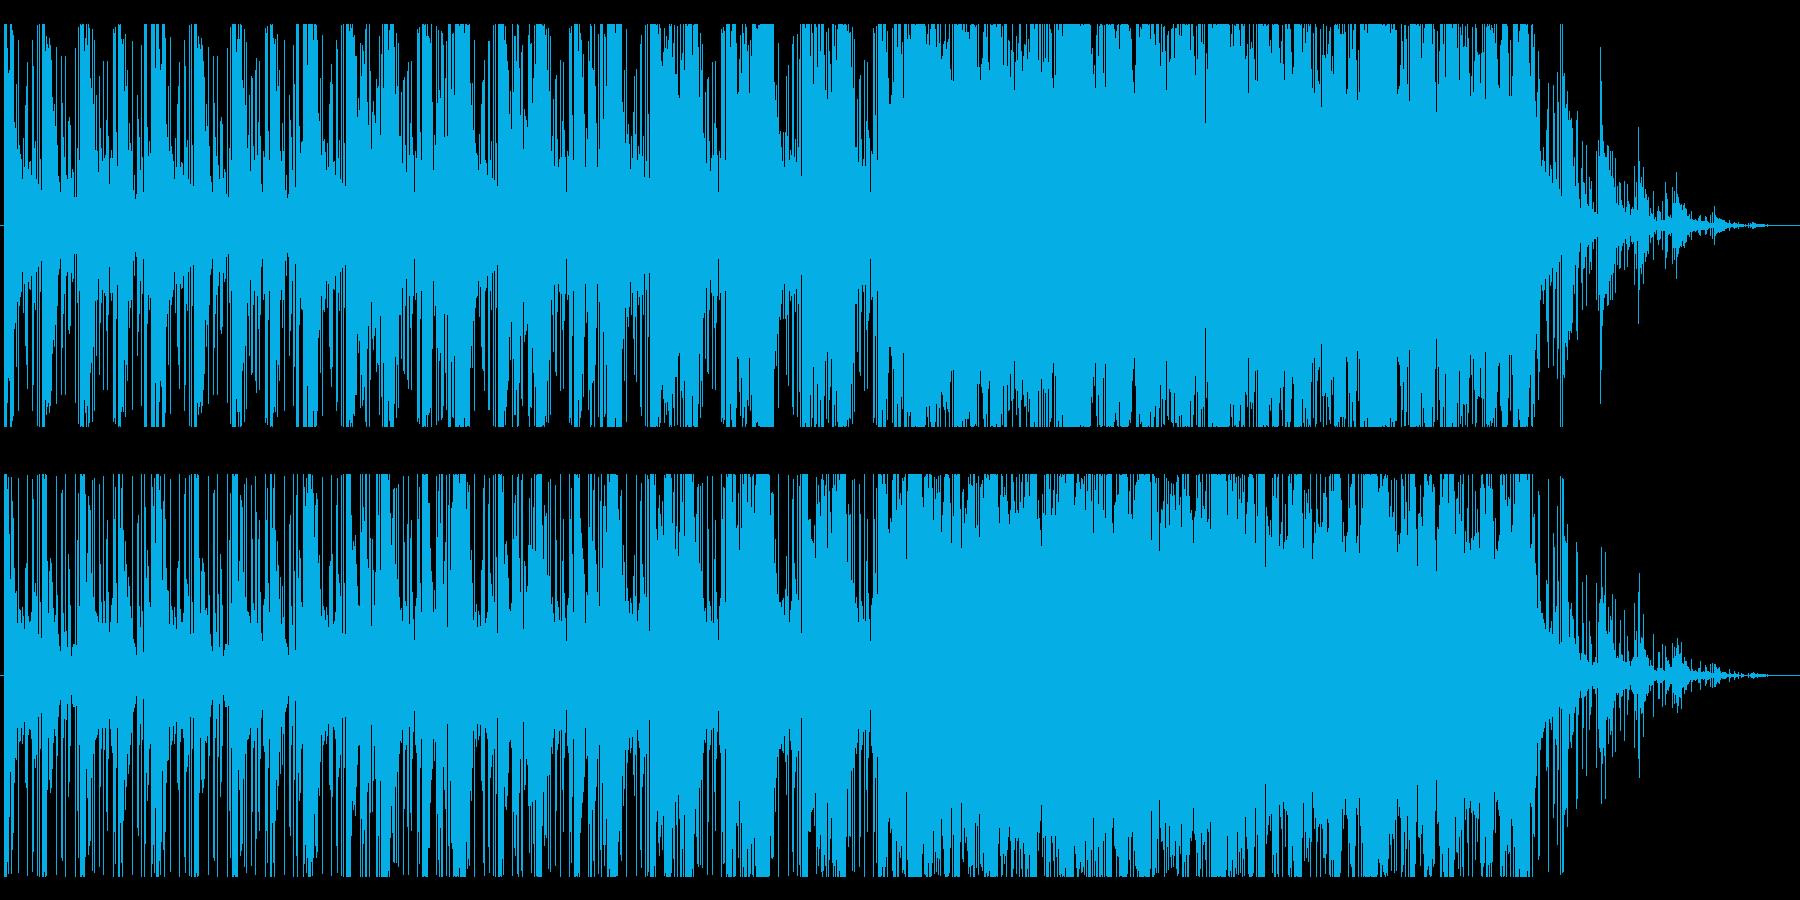 映画/壮大/力強いBGM_No394_3の再生済みの波形